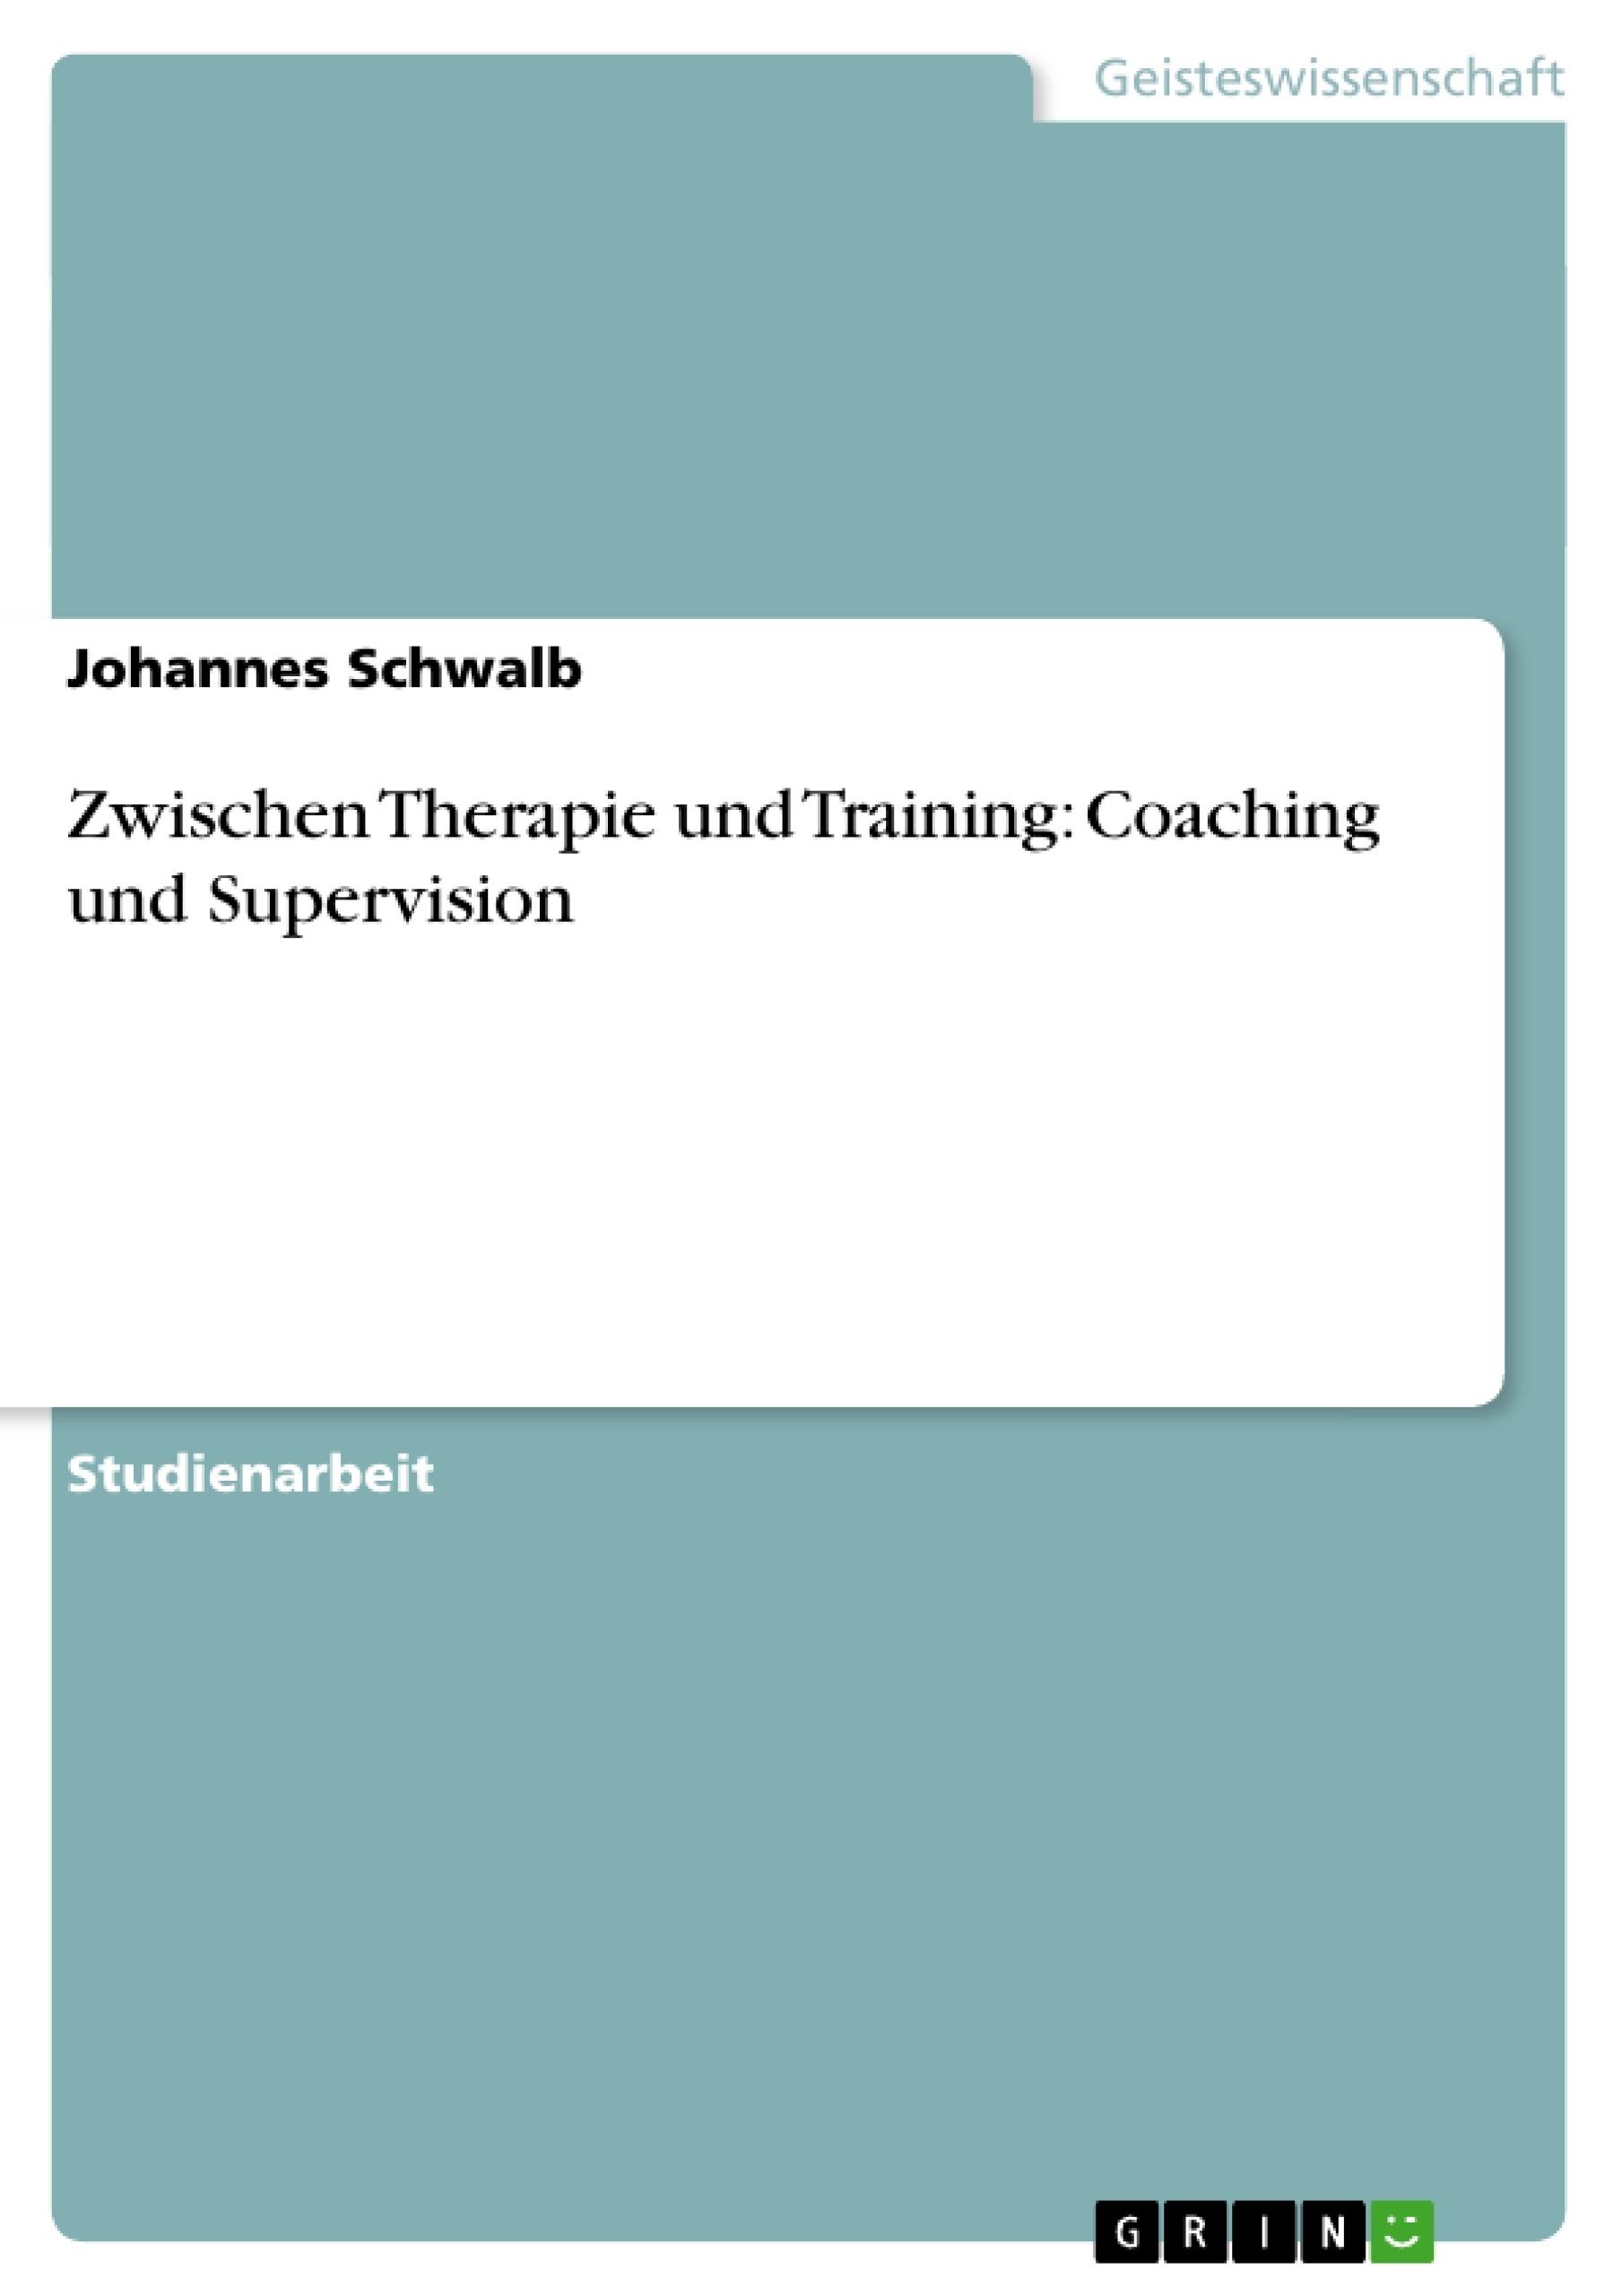 Titel: Zwischen Therapie und Training: Coaching und Supervision